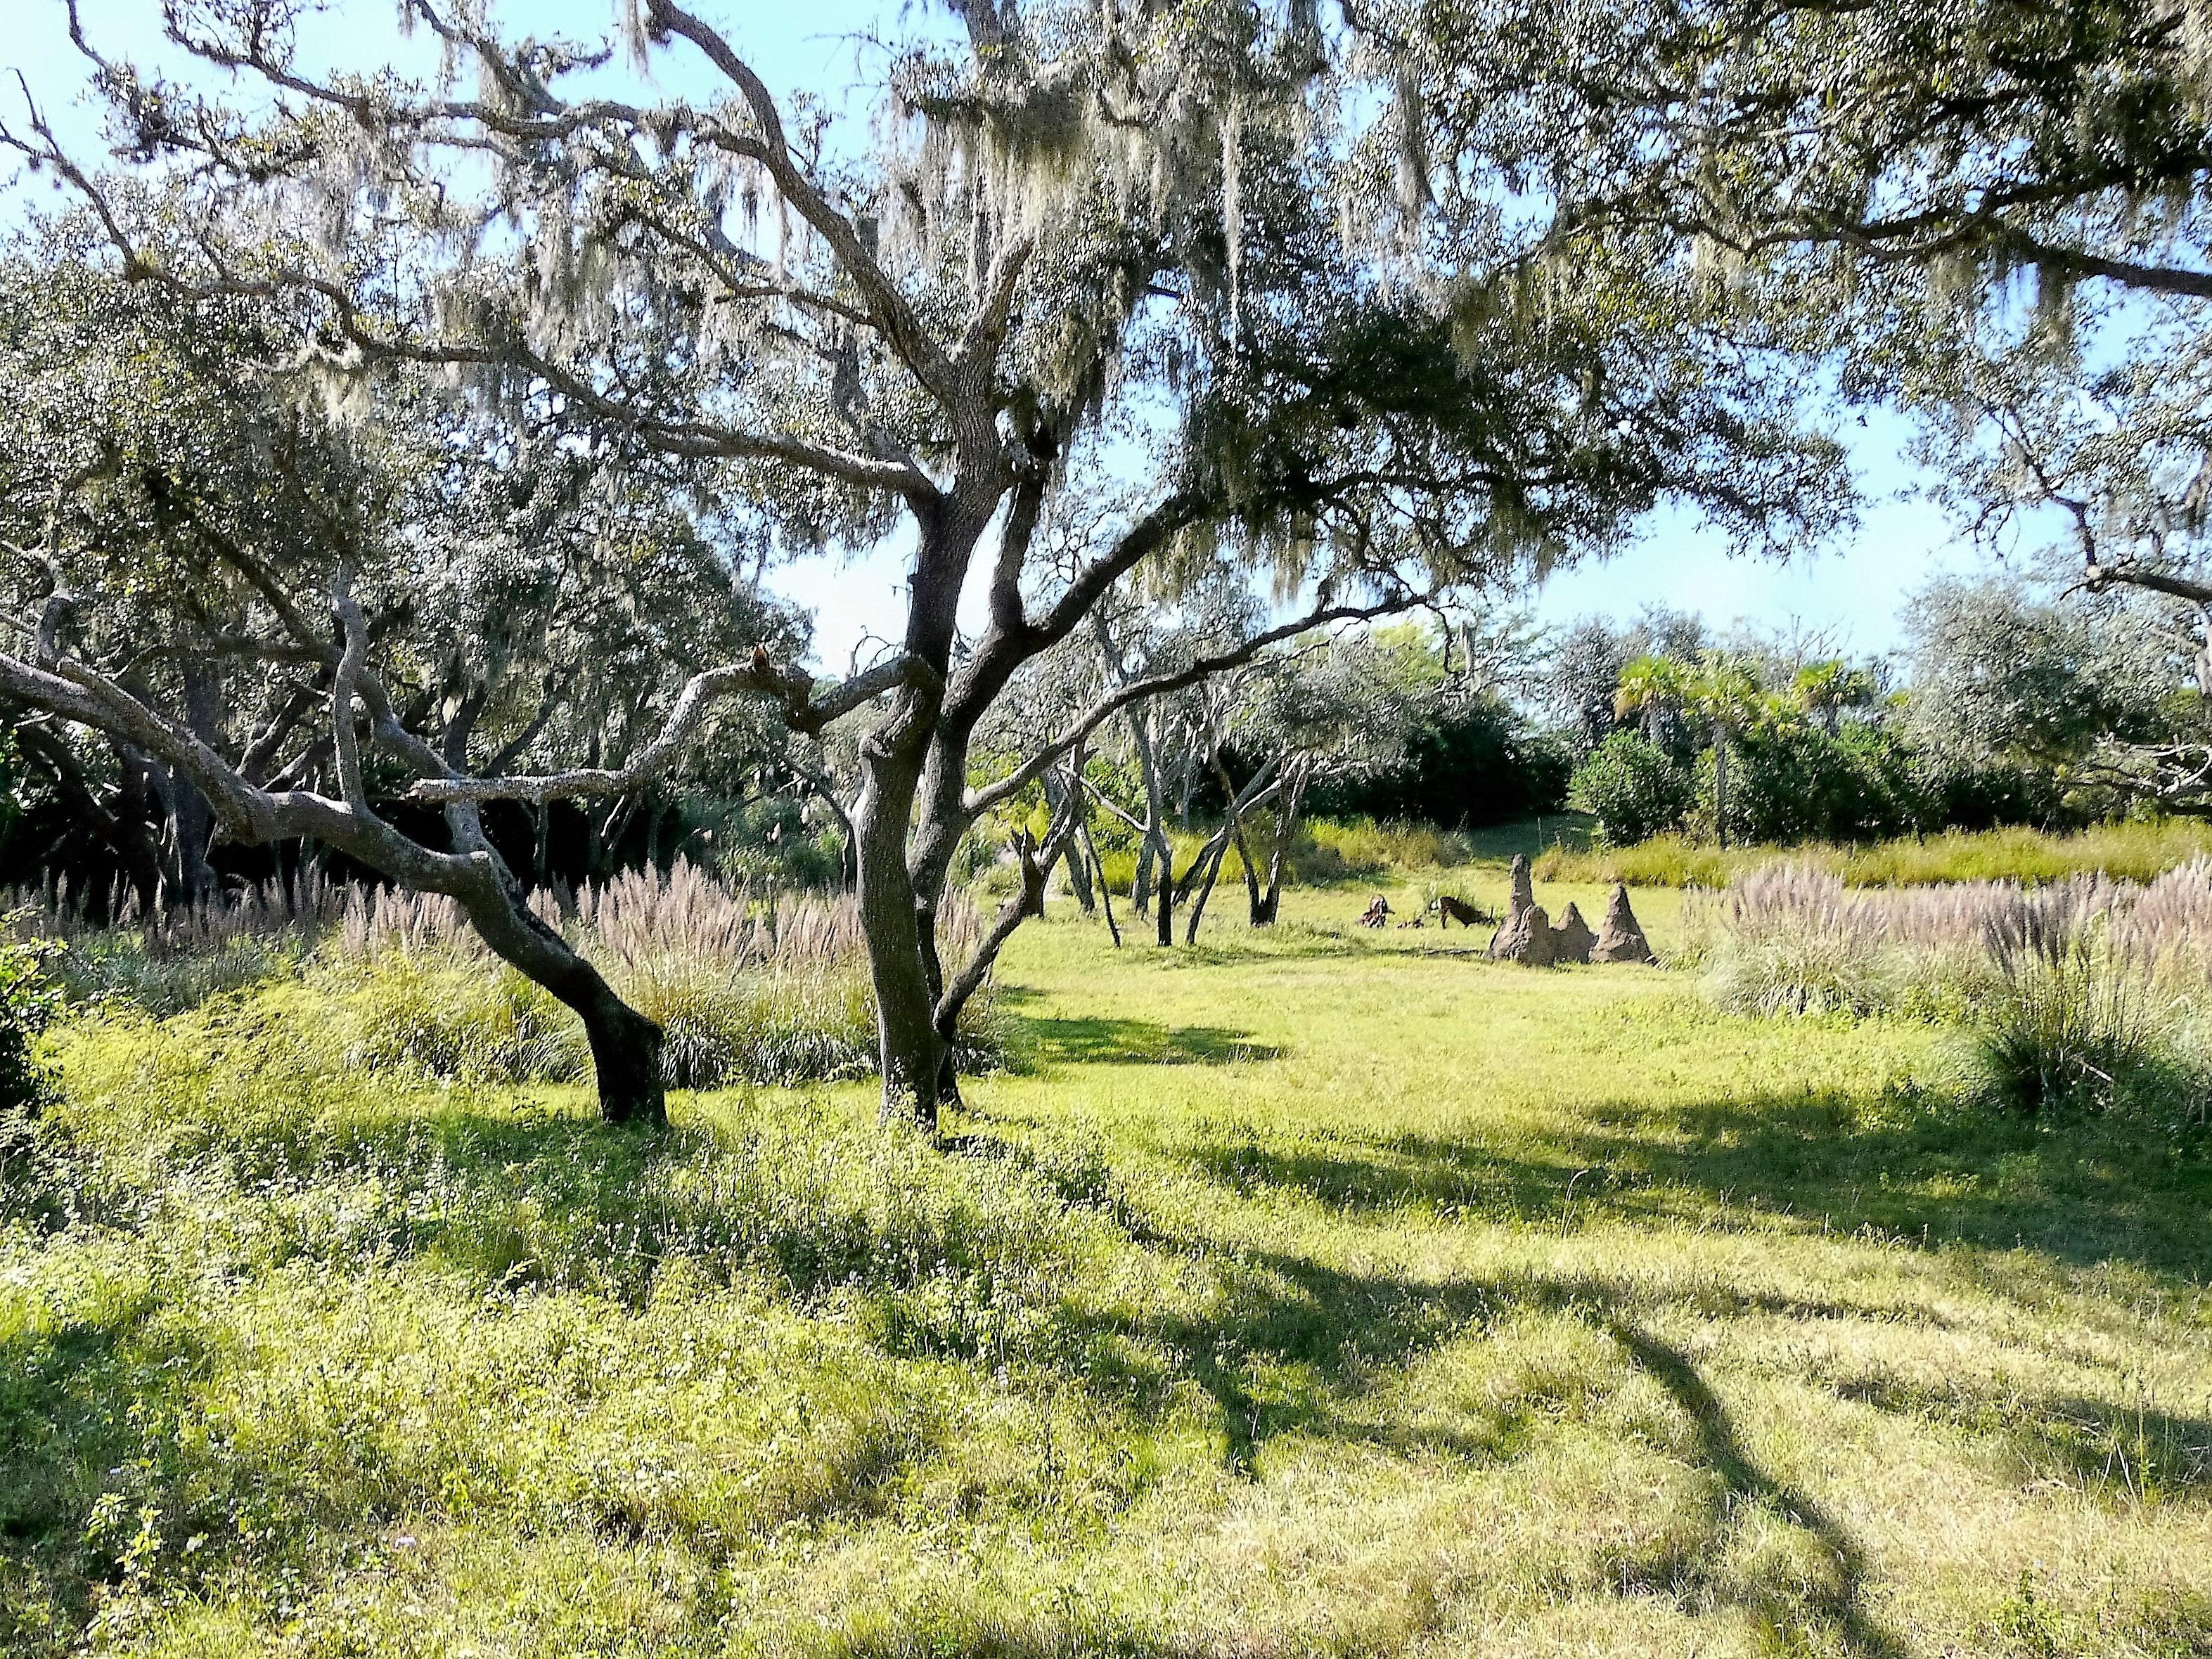 Empty Green Tall Trees, Rural, Wood, Trees, Tree, HQ Photo